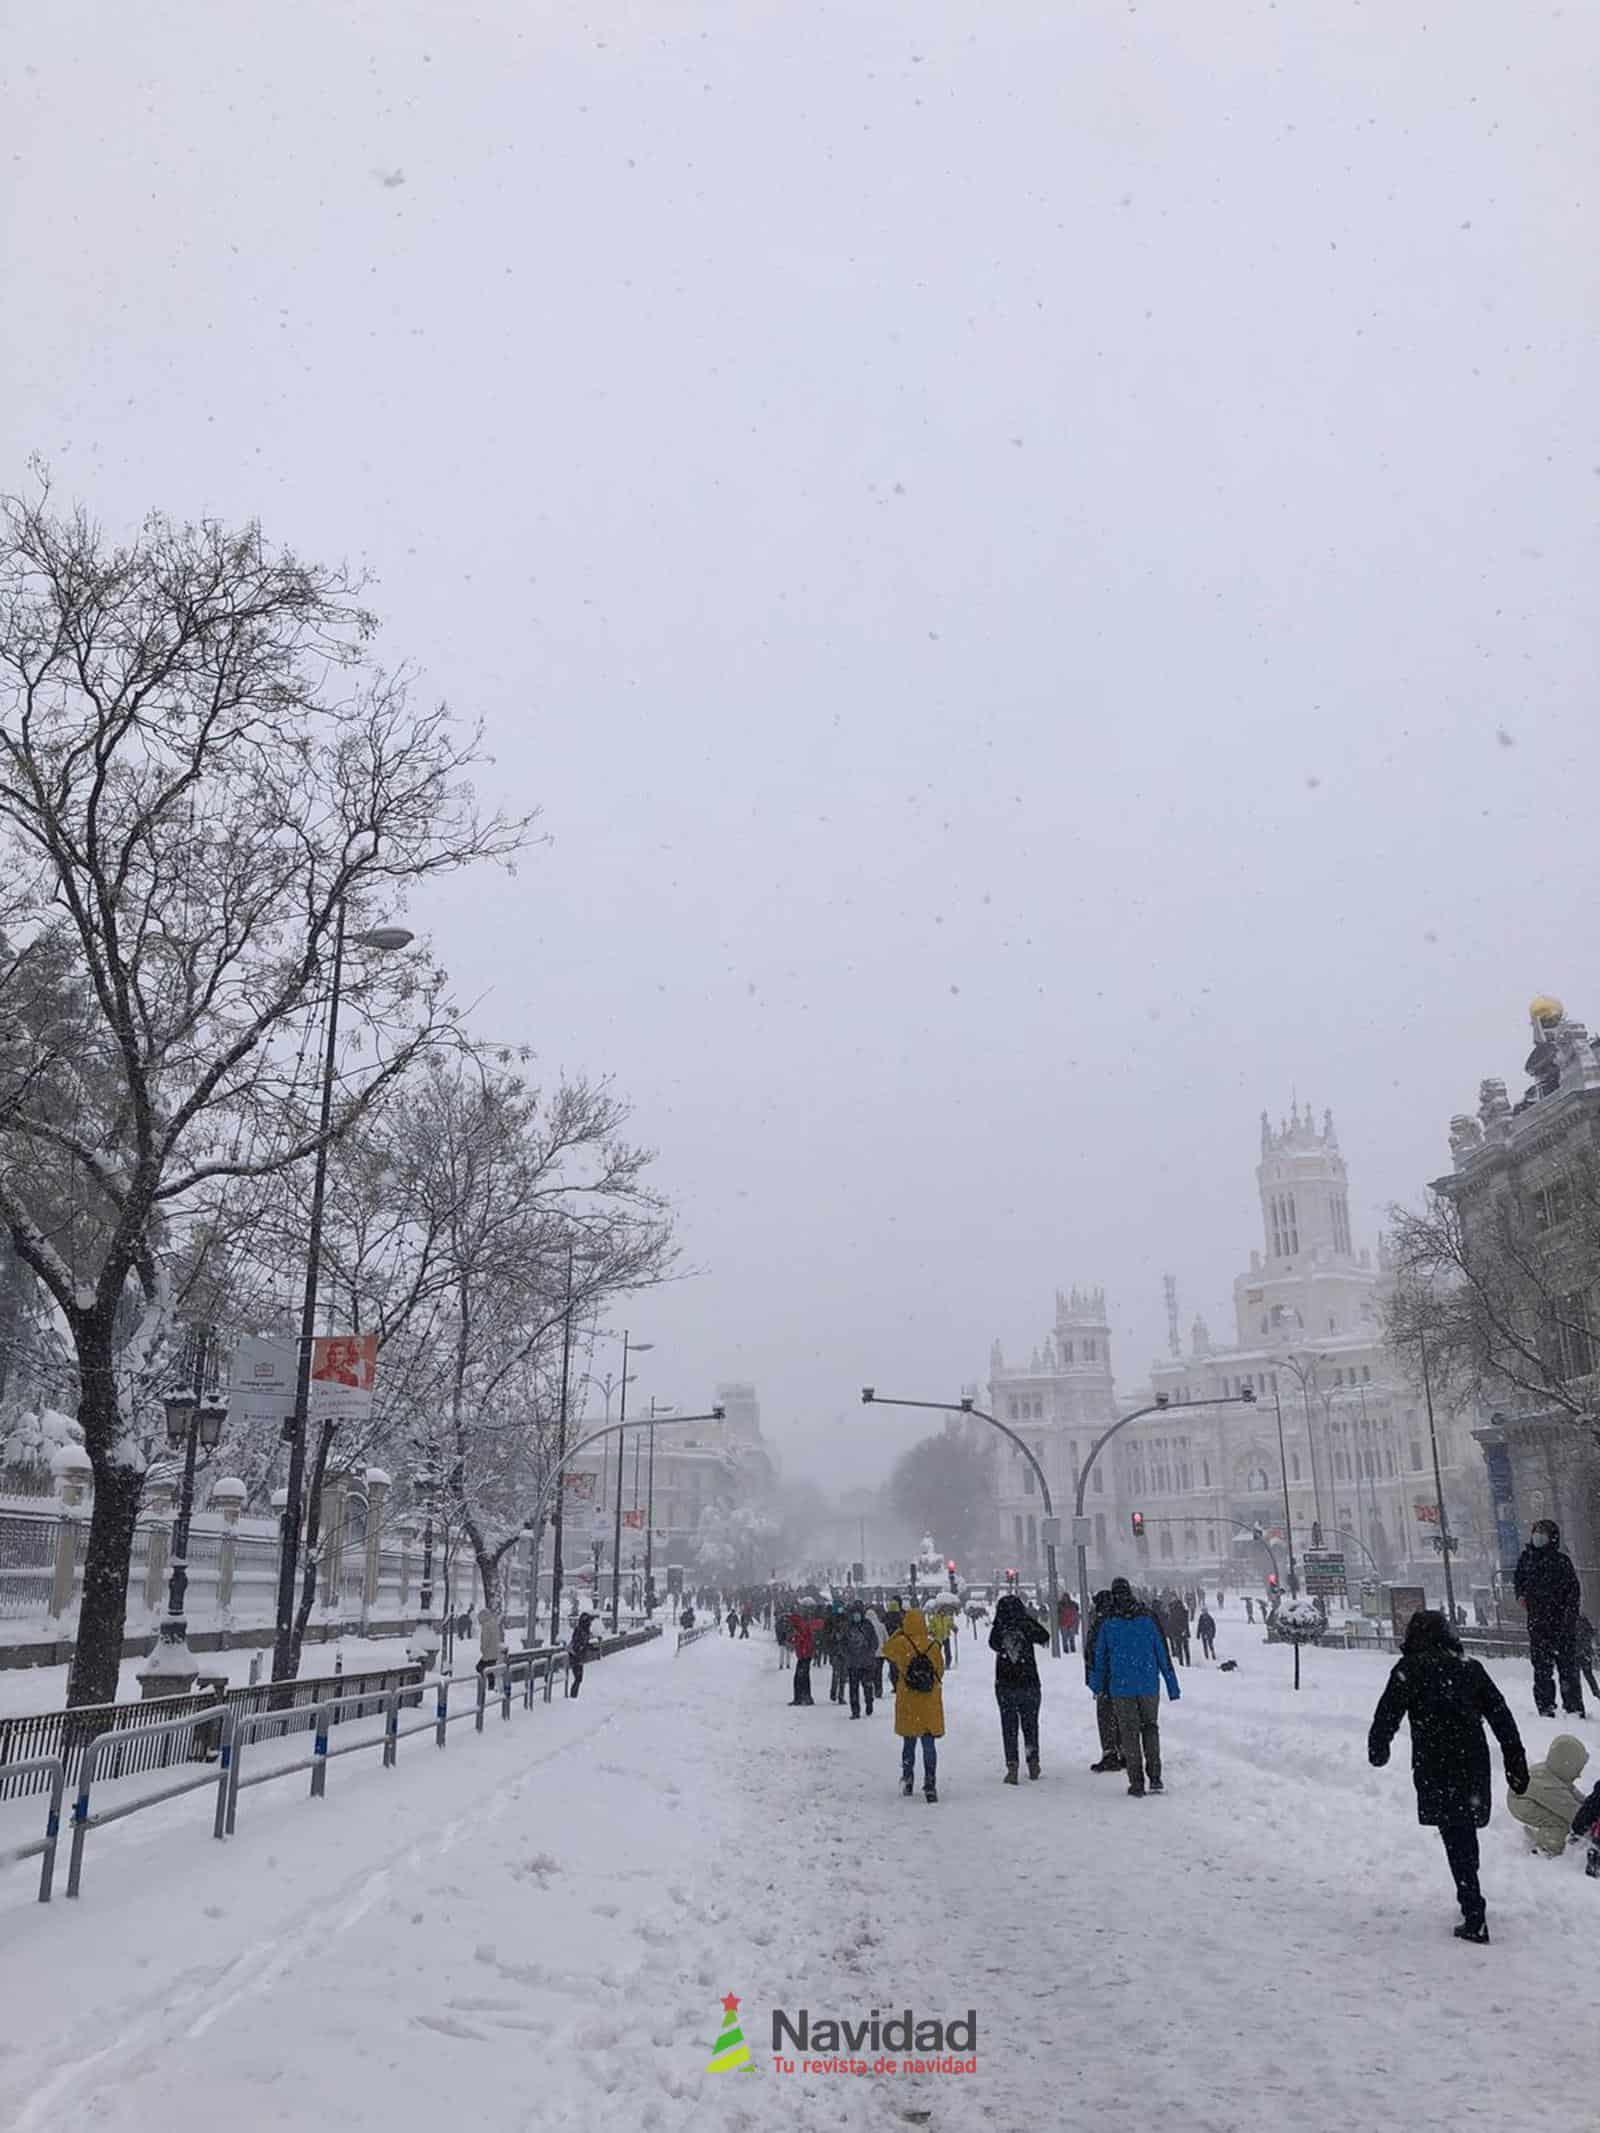 Fotografías de la nevada de enero en Madrid (España) 89